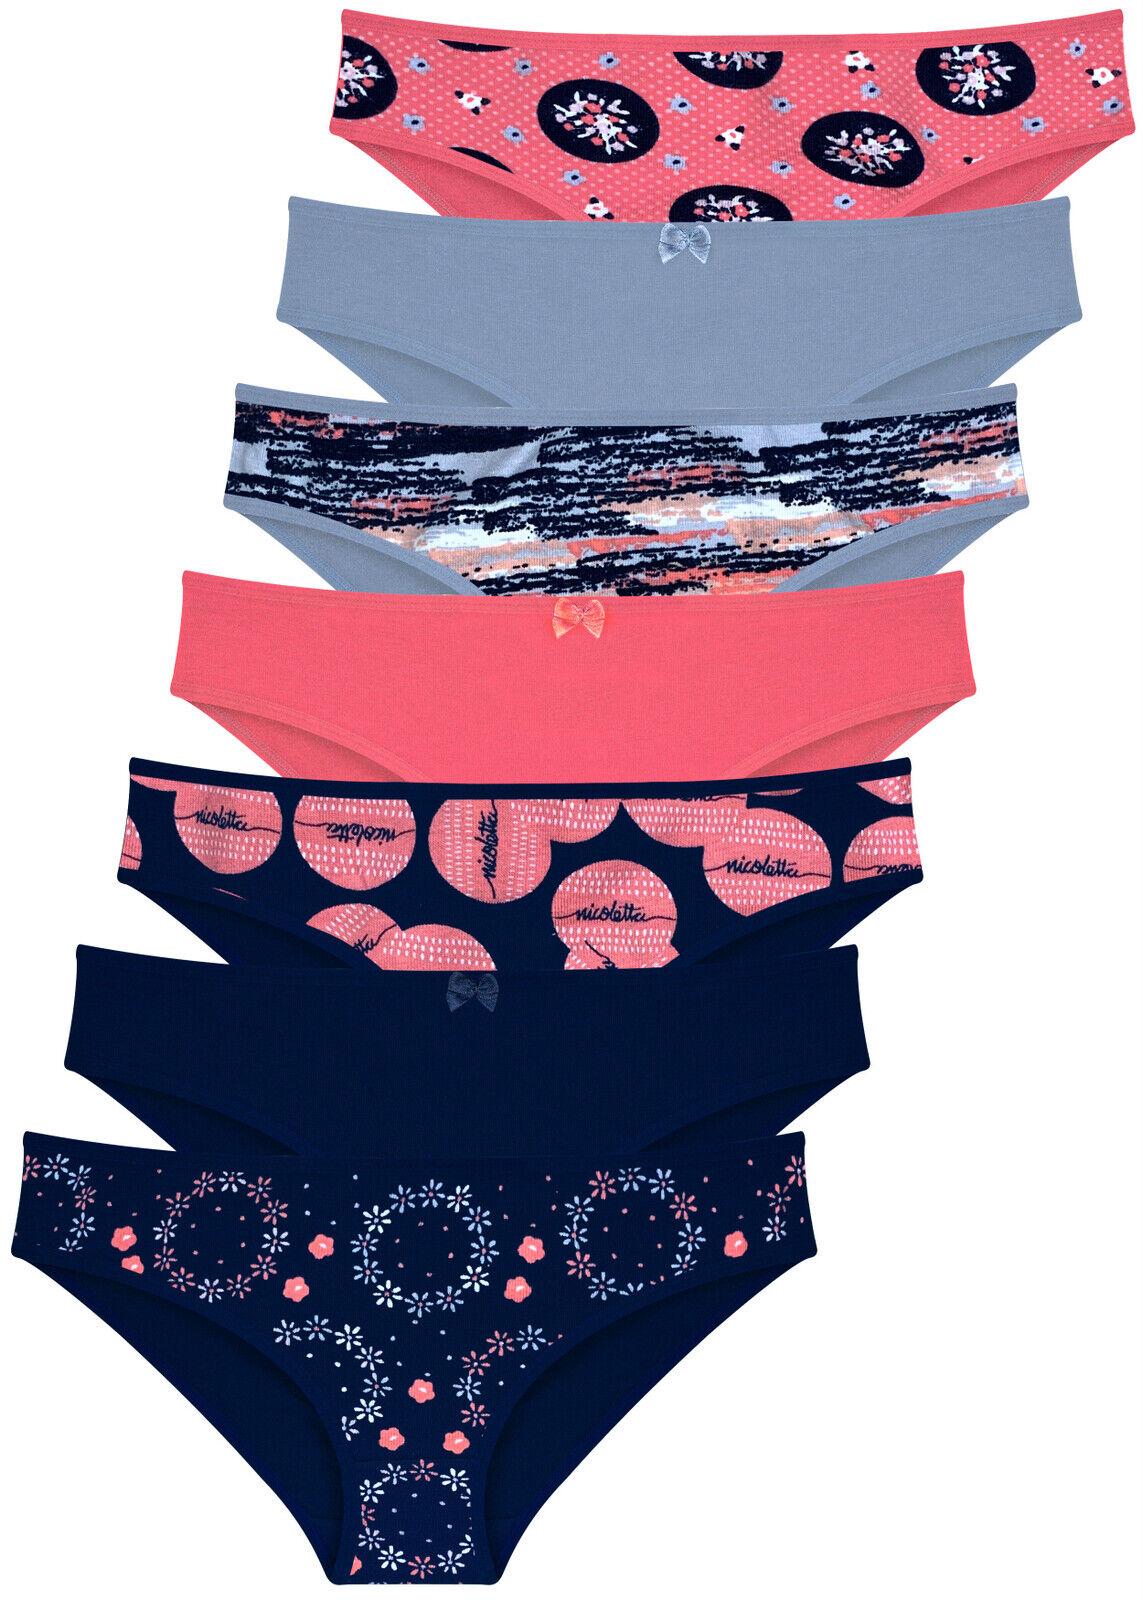 7 Damen Slips Unterhosen Hipster Unterwäsche Baumwolle Panty 34 36 38 40 42 44